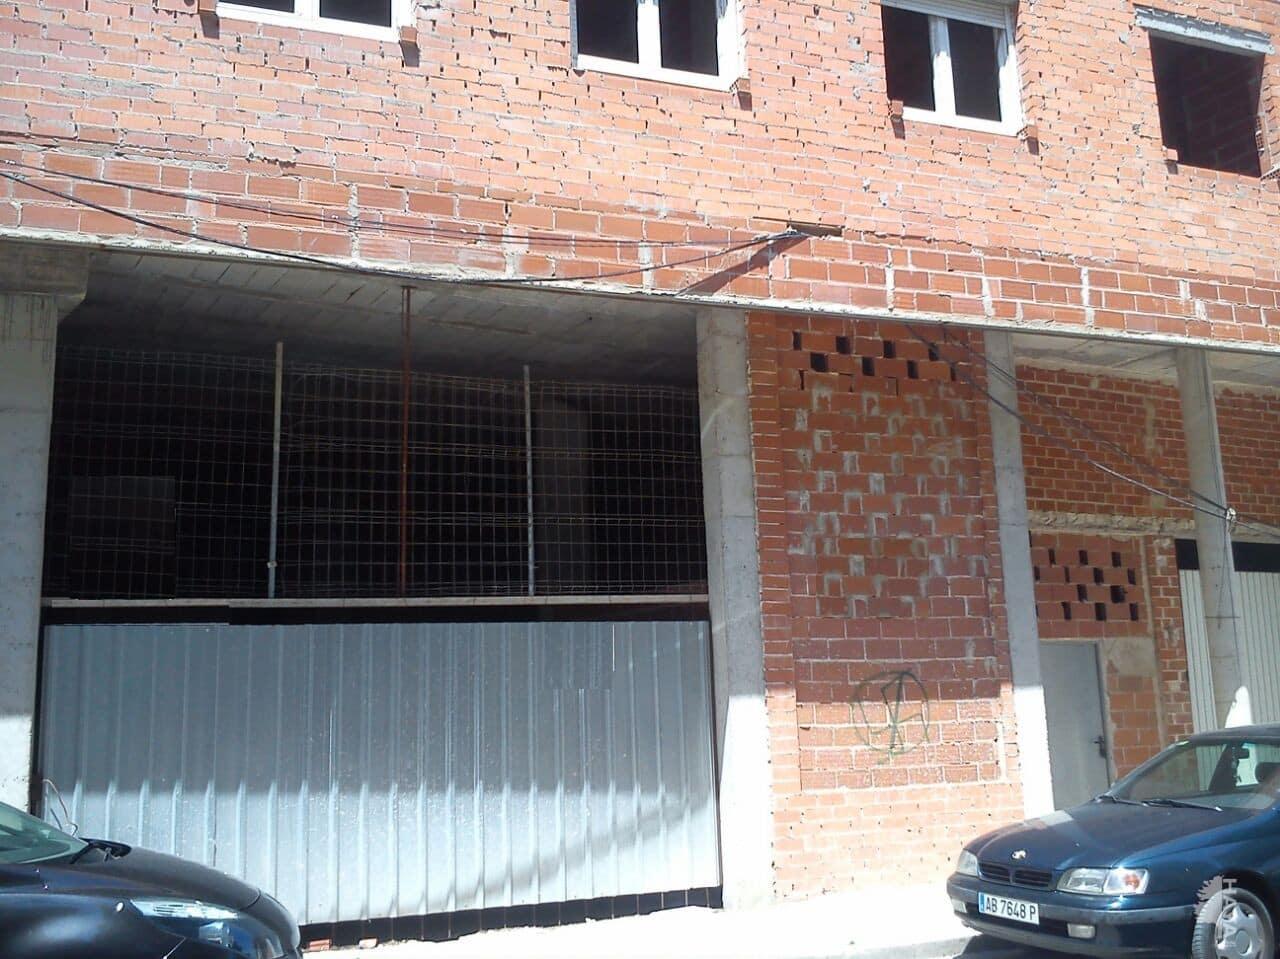 Piso en venta en La Roda, Albacete, Calle Juan Garcia Glz, 54.900 €, 1 habitación, 1 baño, 135 m2